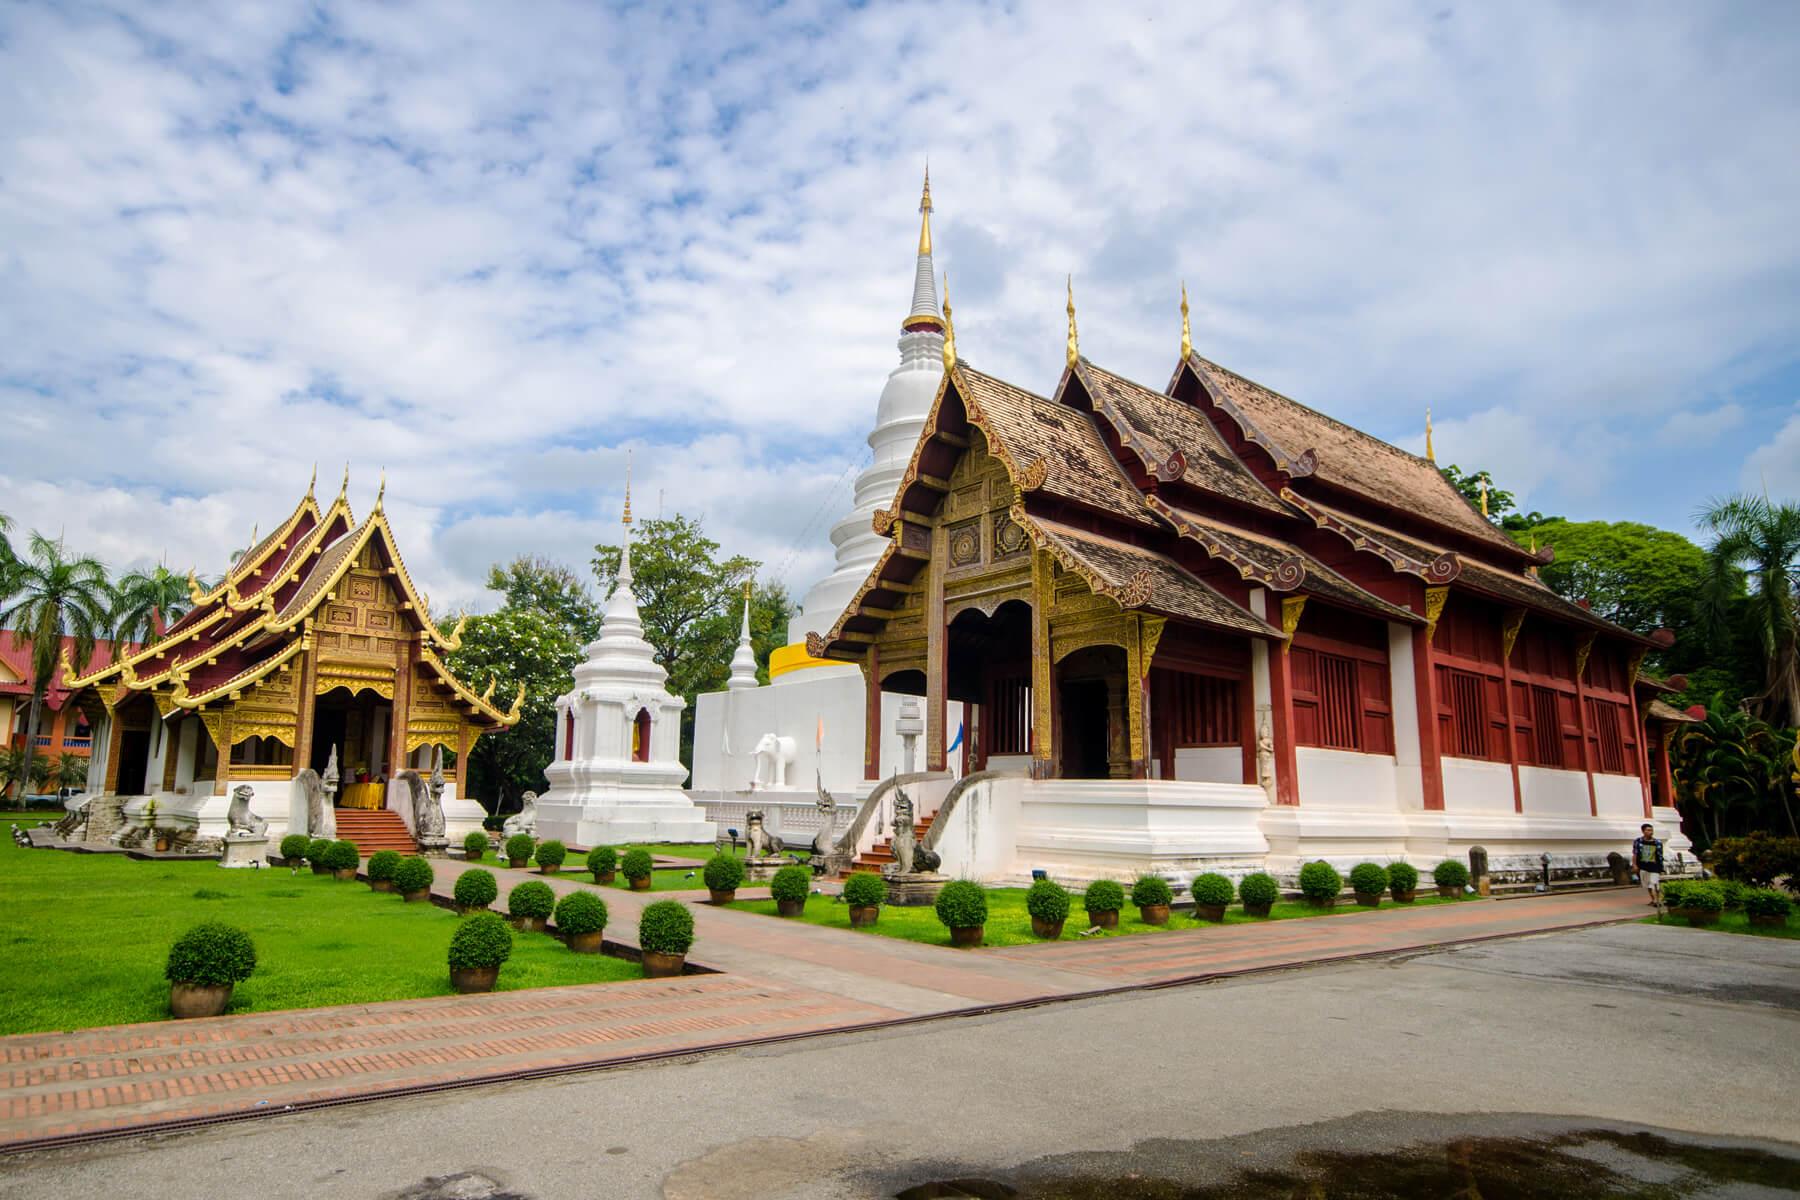 Храм Ват Пхра Сингх